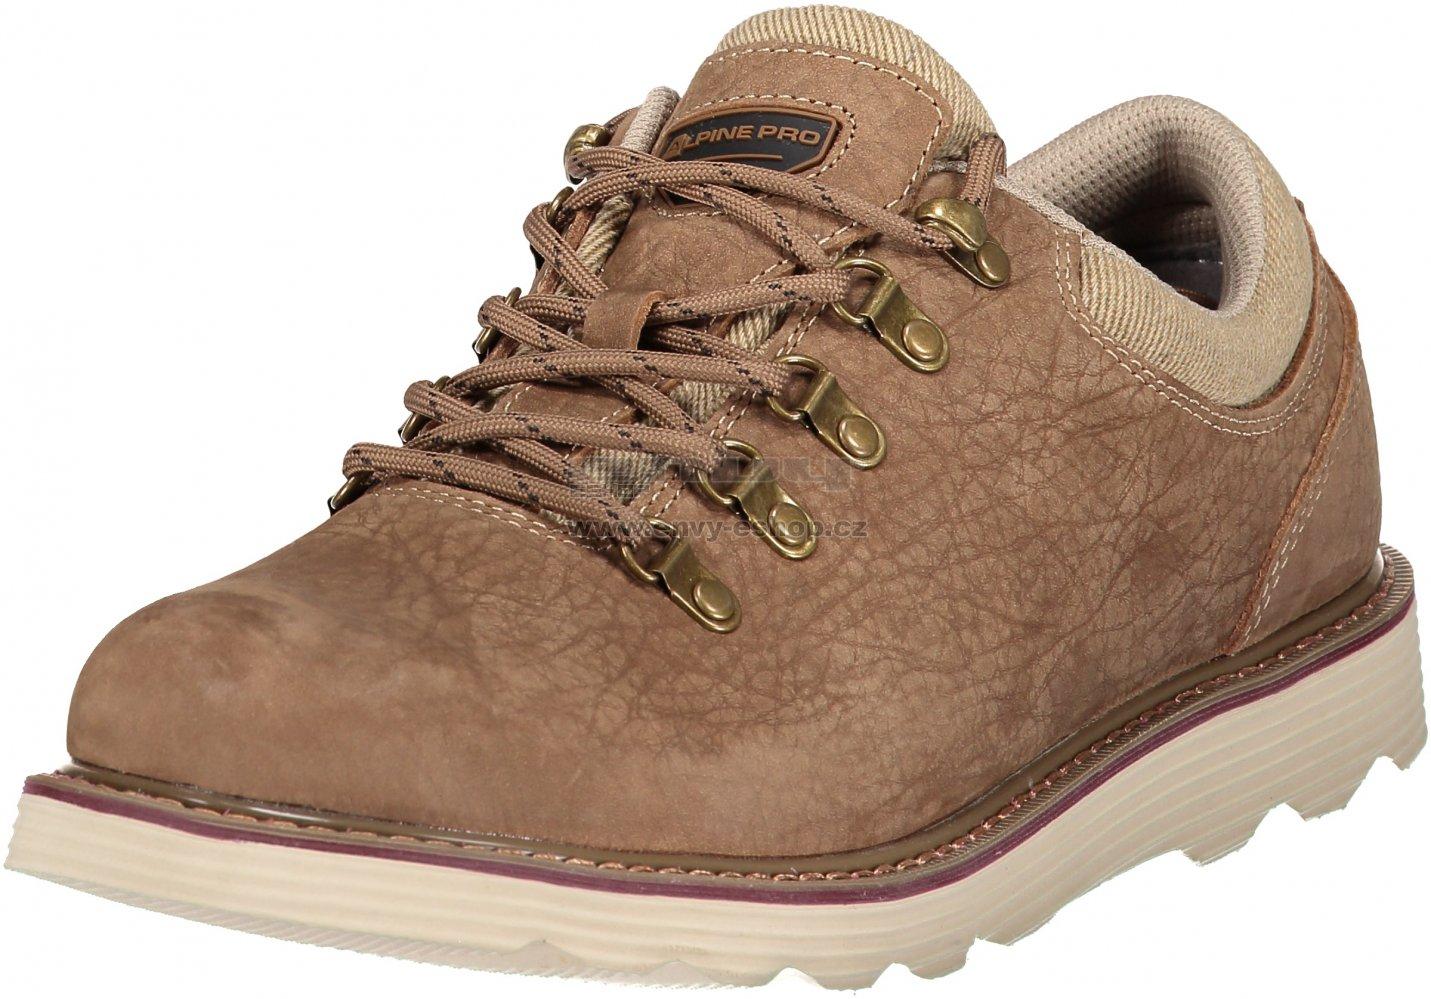 e15ea0b9d7 Pánská obuv ALPINE PRO TATUY HNĚDÁ velikost  45 ( 10